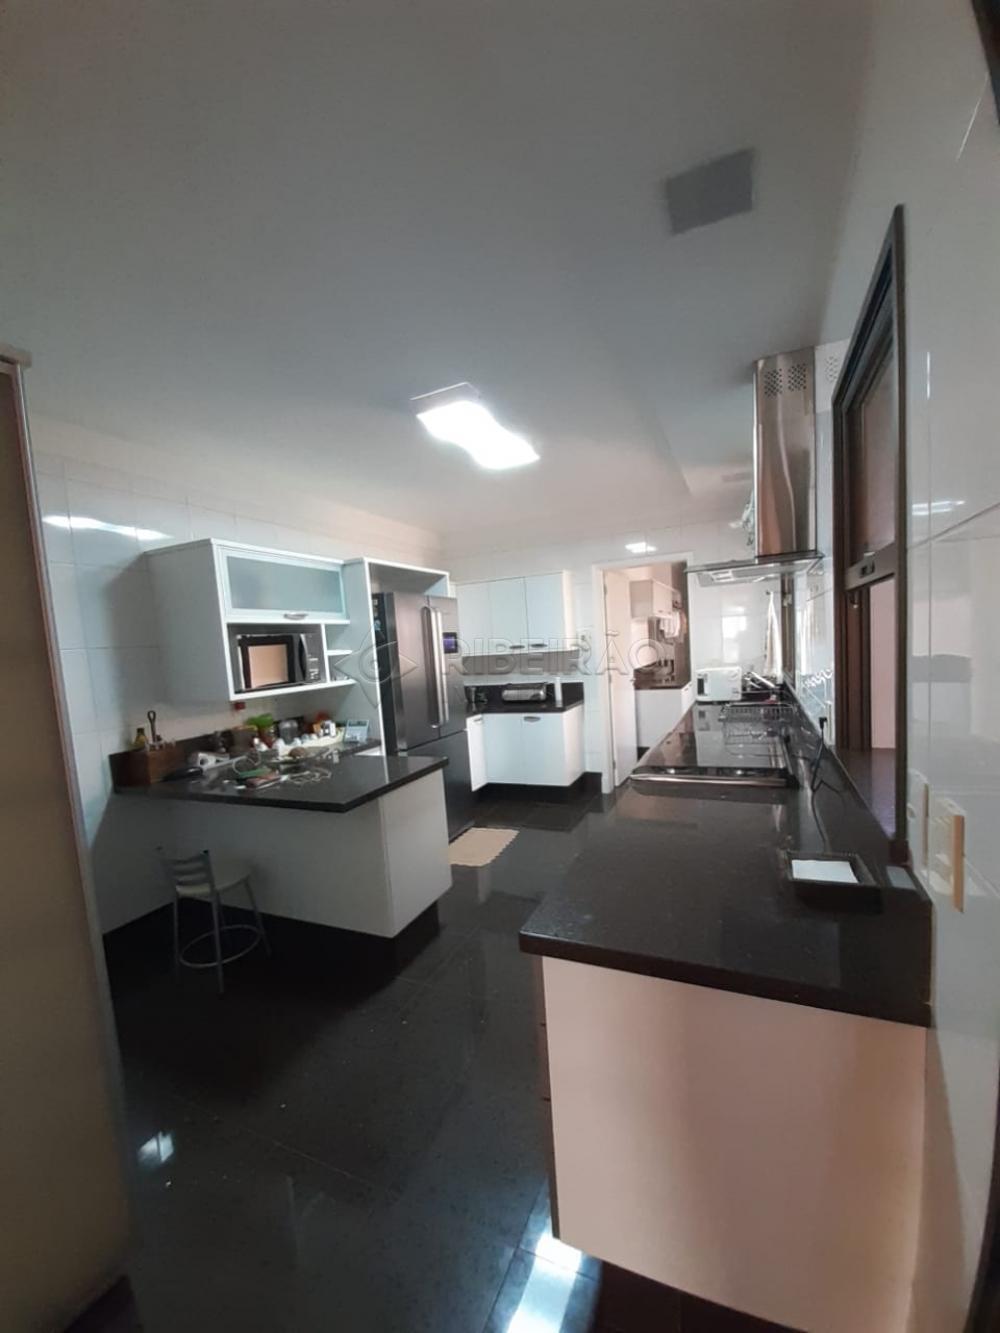 Comprar Apartamento / Padrão em Ribeirão Preto apenas R$ 1.400.000,00 - Foto 8